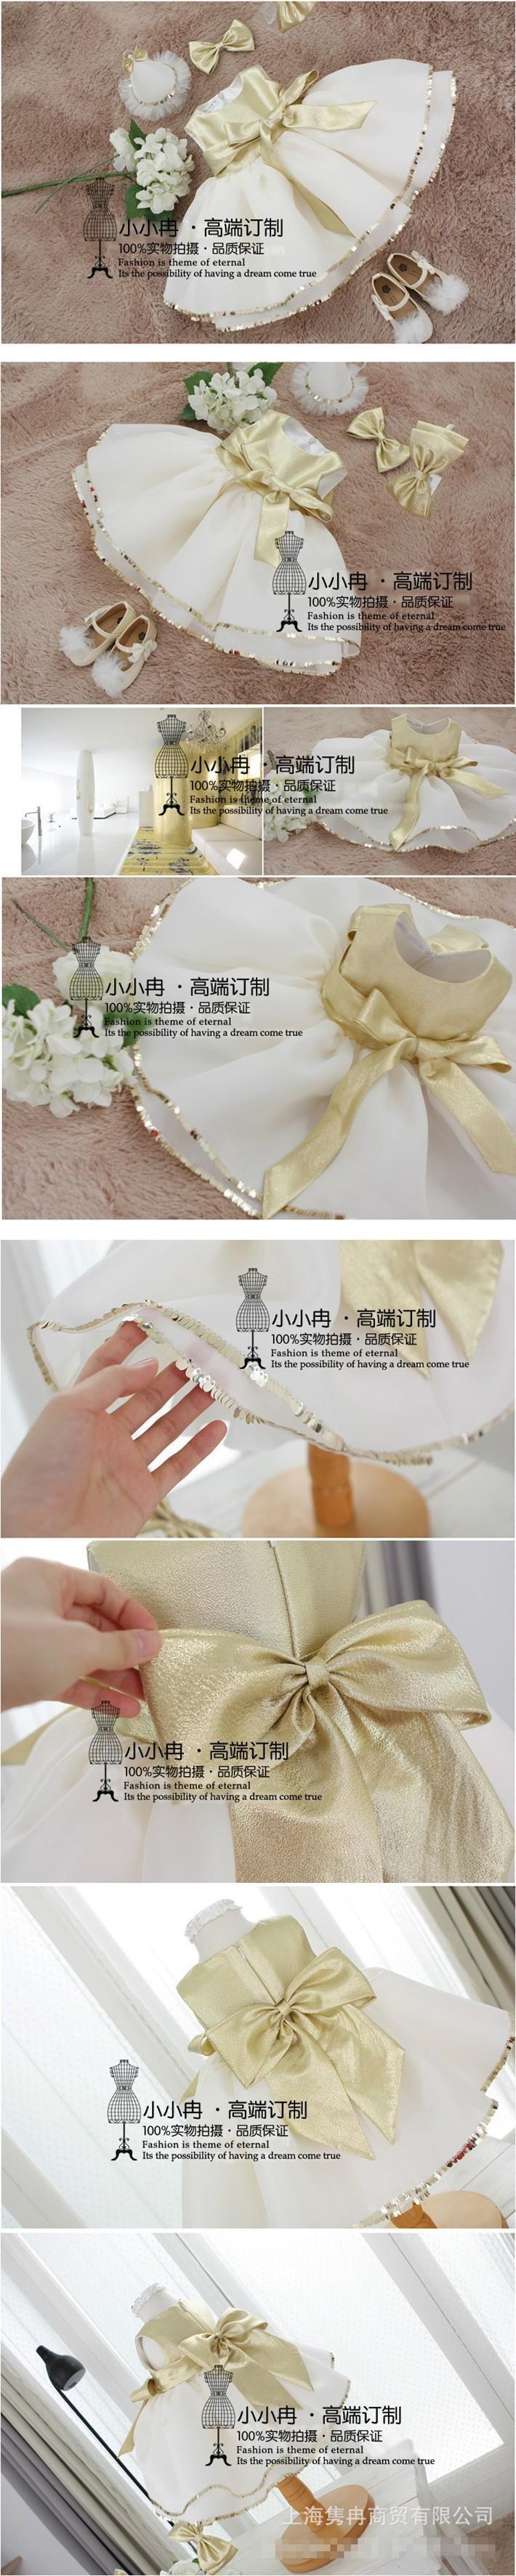 вязание крючком для начинающ платье для крещен для девочки 6 мес схемы и описание